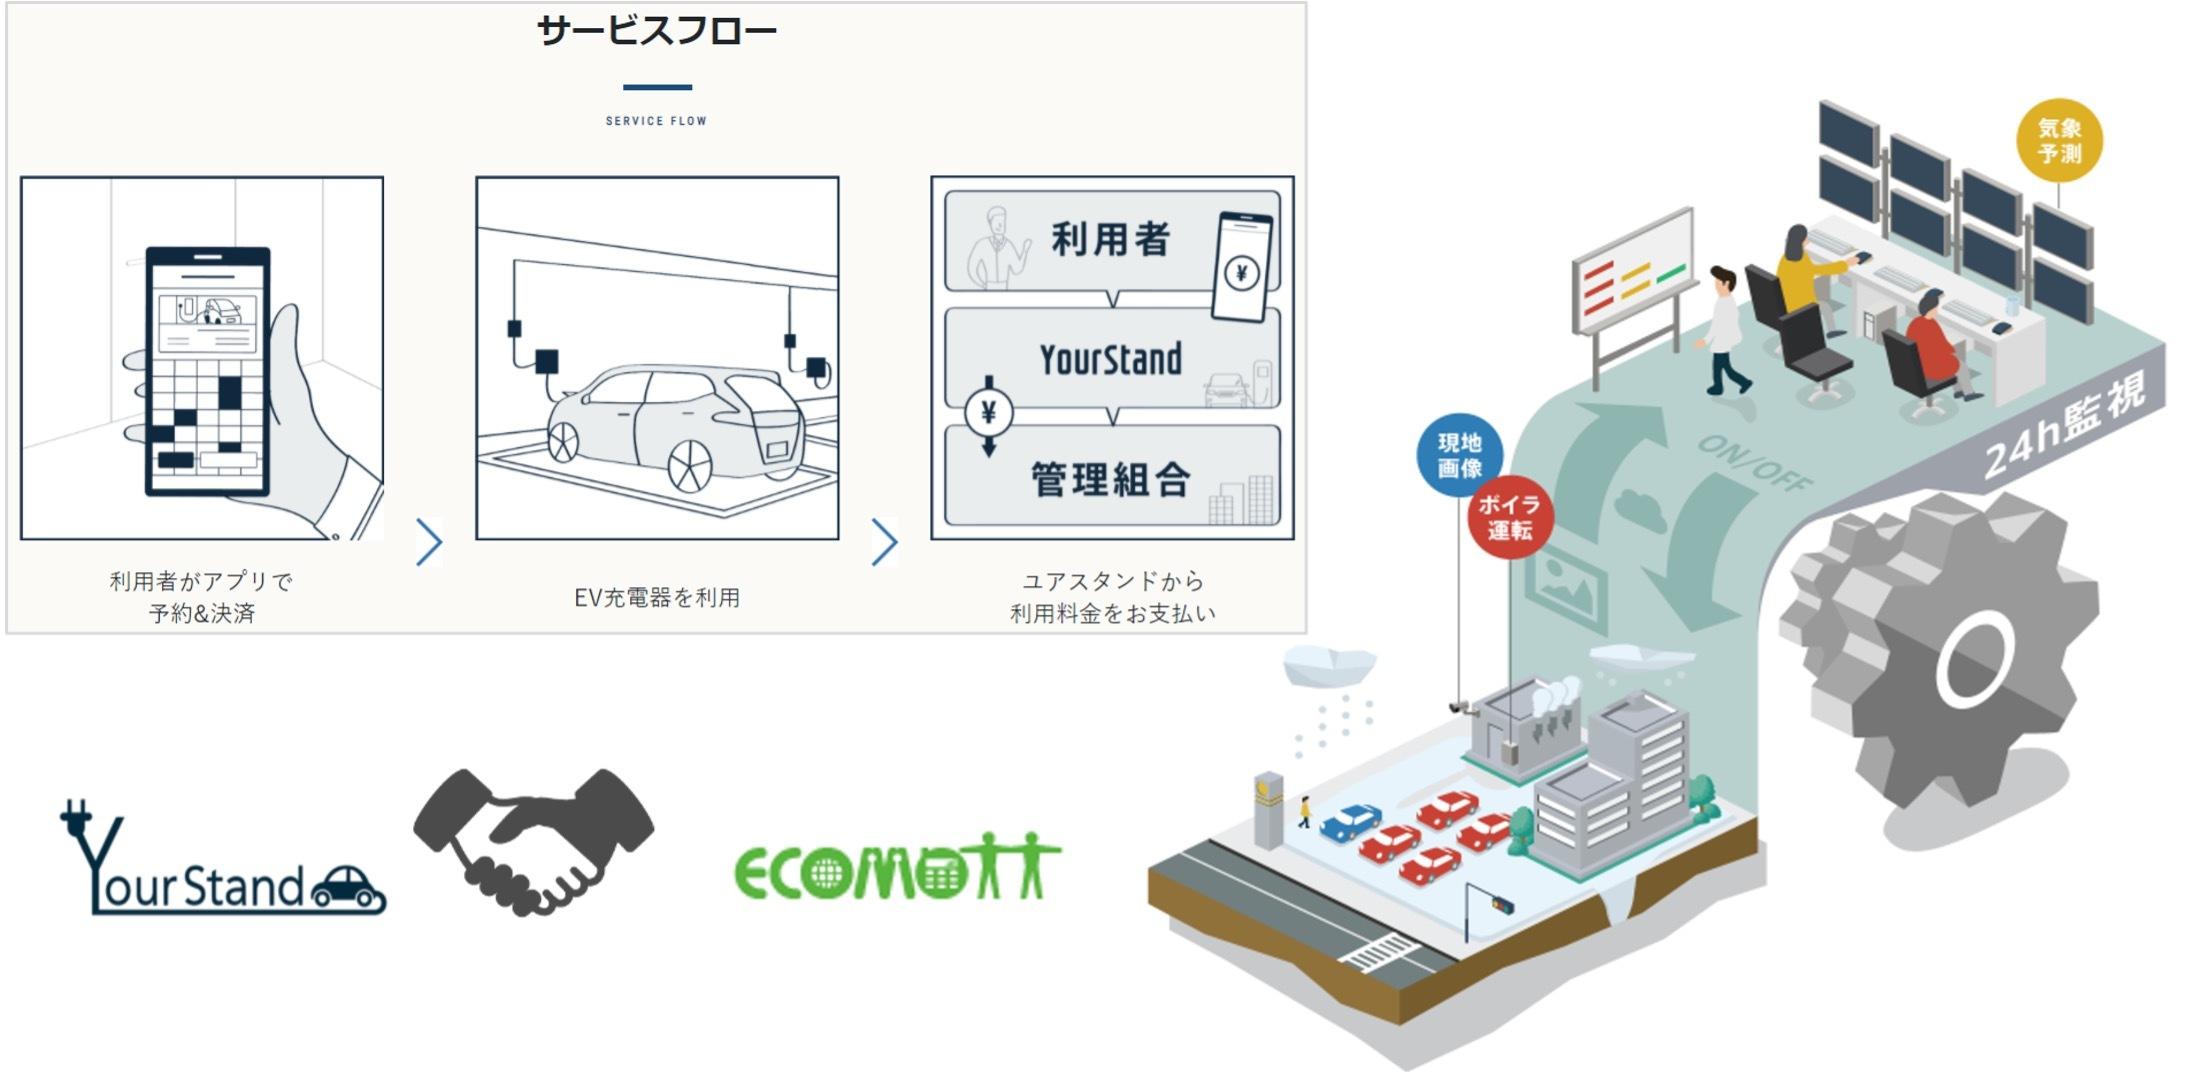 エコモット、ユアスタンドと北海道エリアにEV充電設備展開